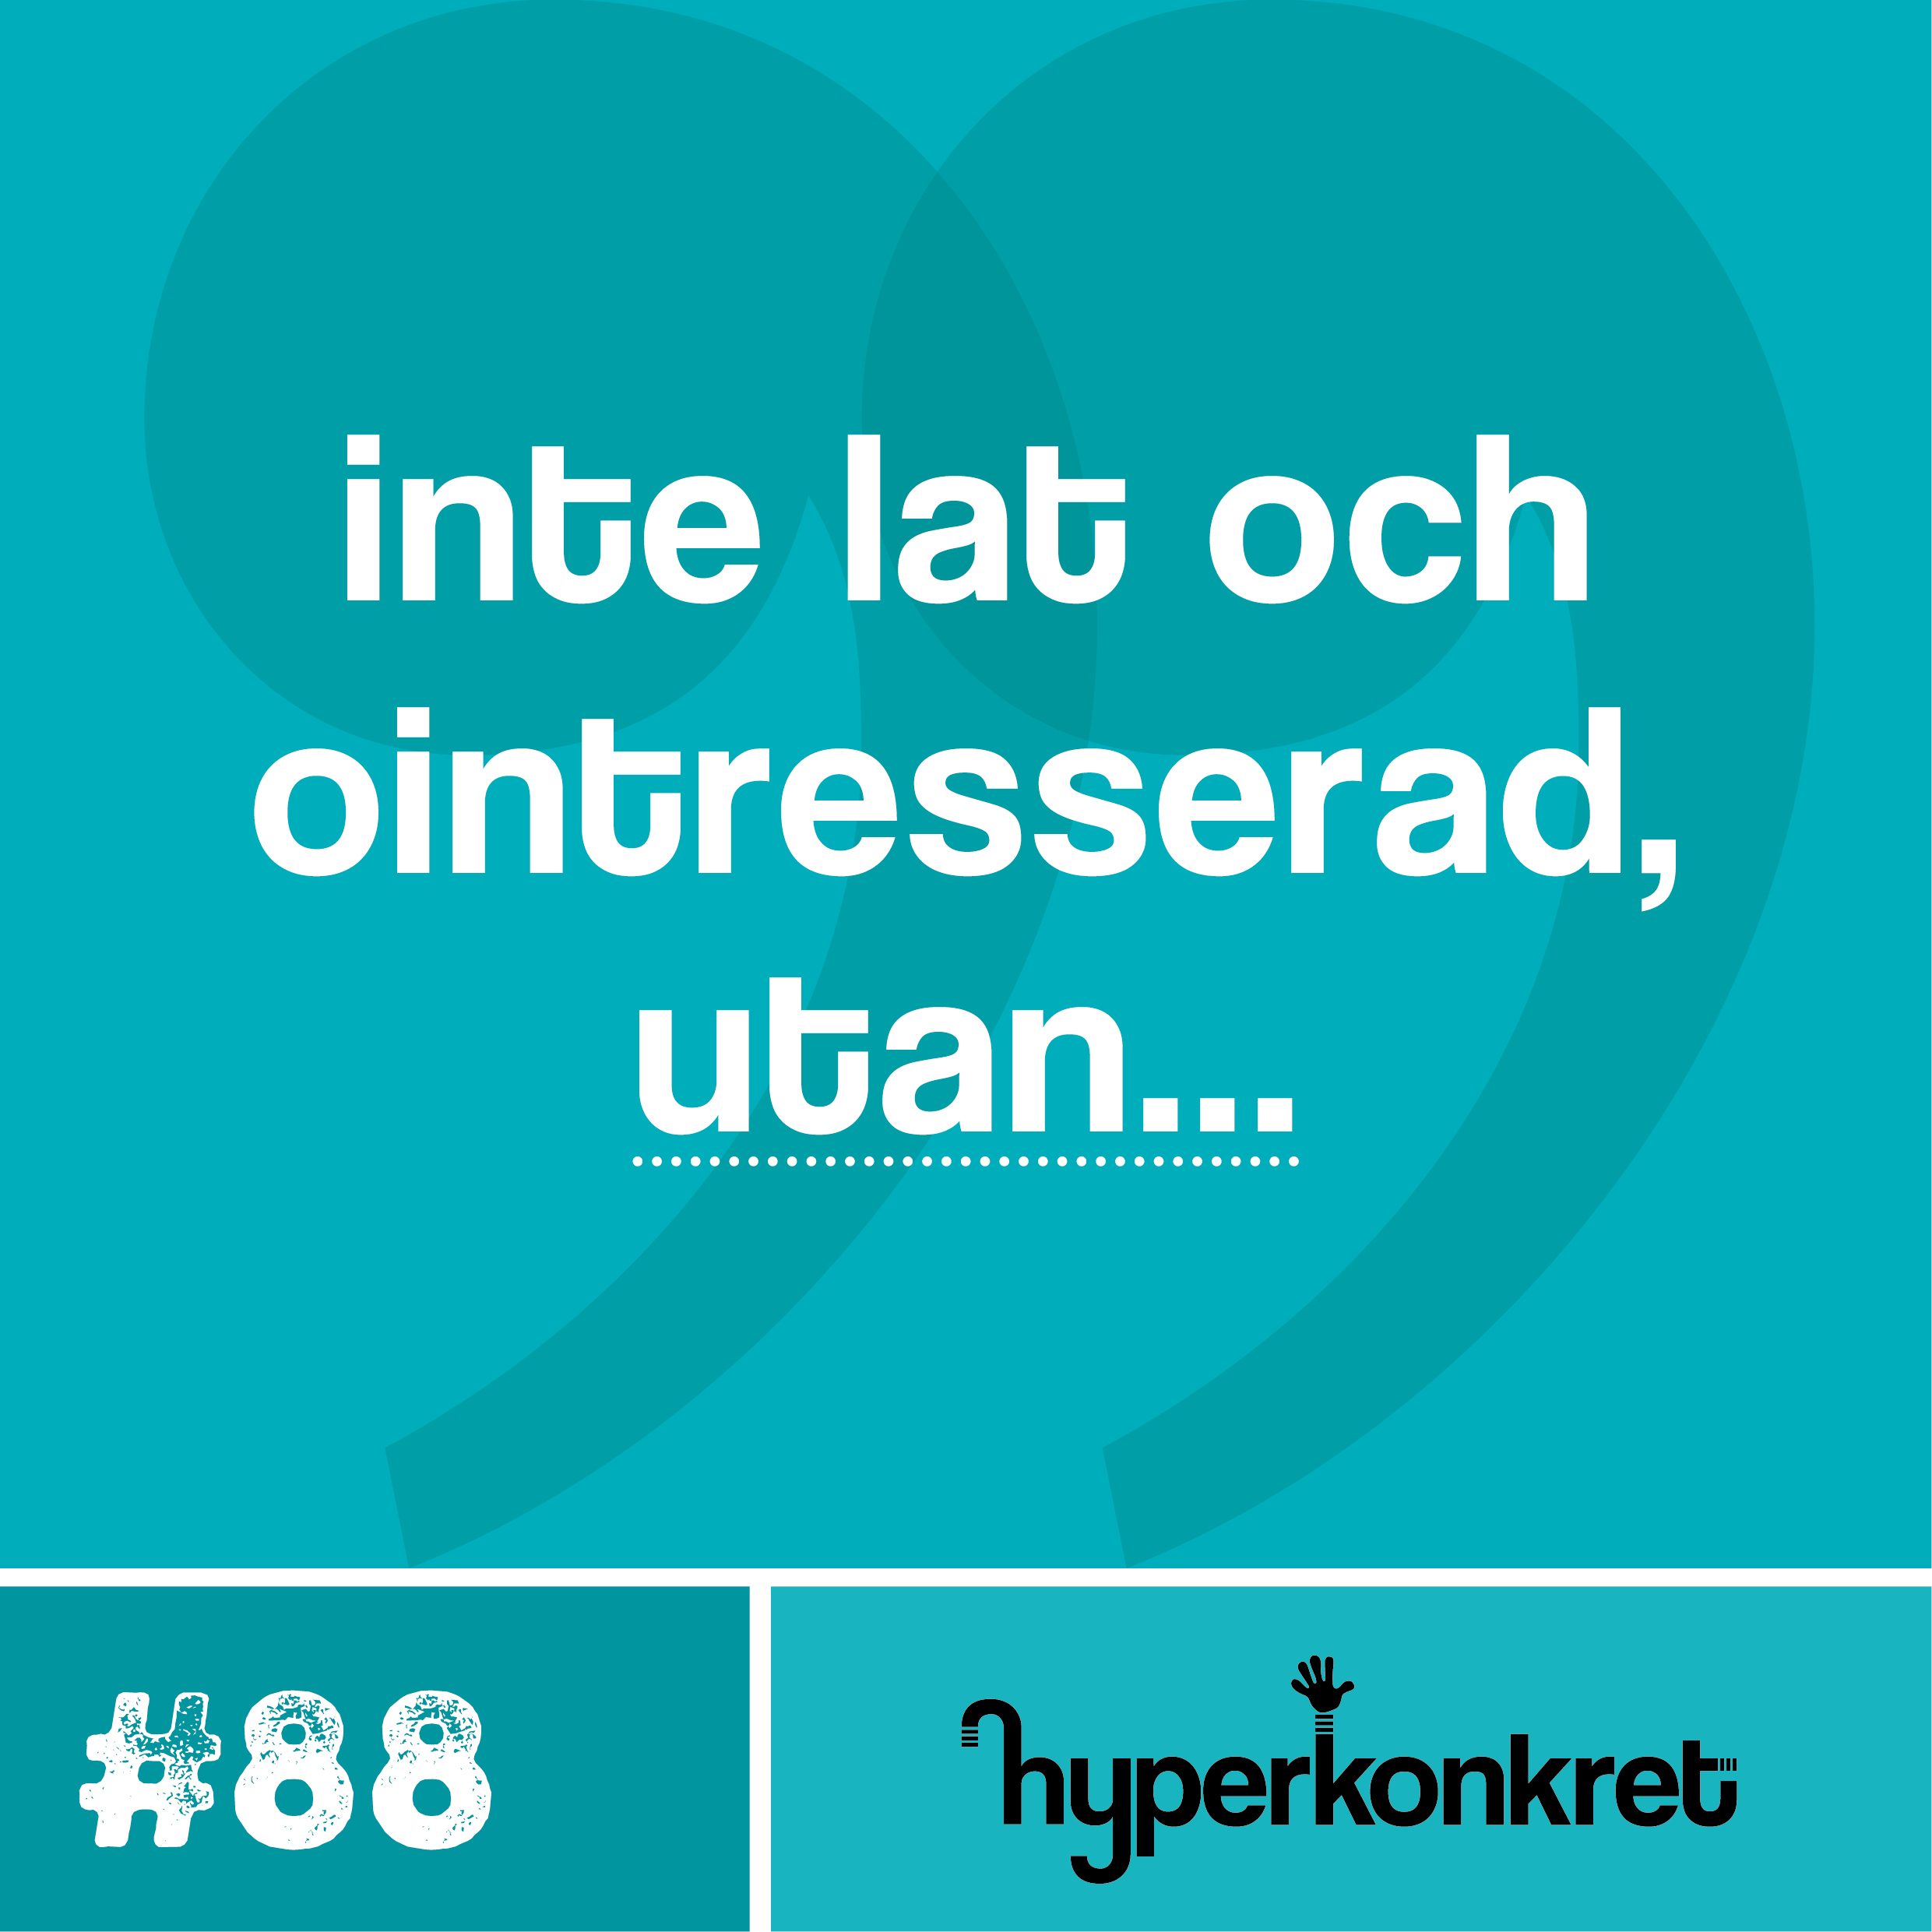 Hypertips #88 – Inte lat och ointresserad, utan bara svårt att reglera hjärnans vakenhetsnivå